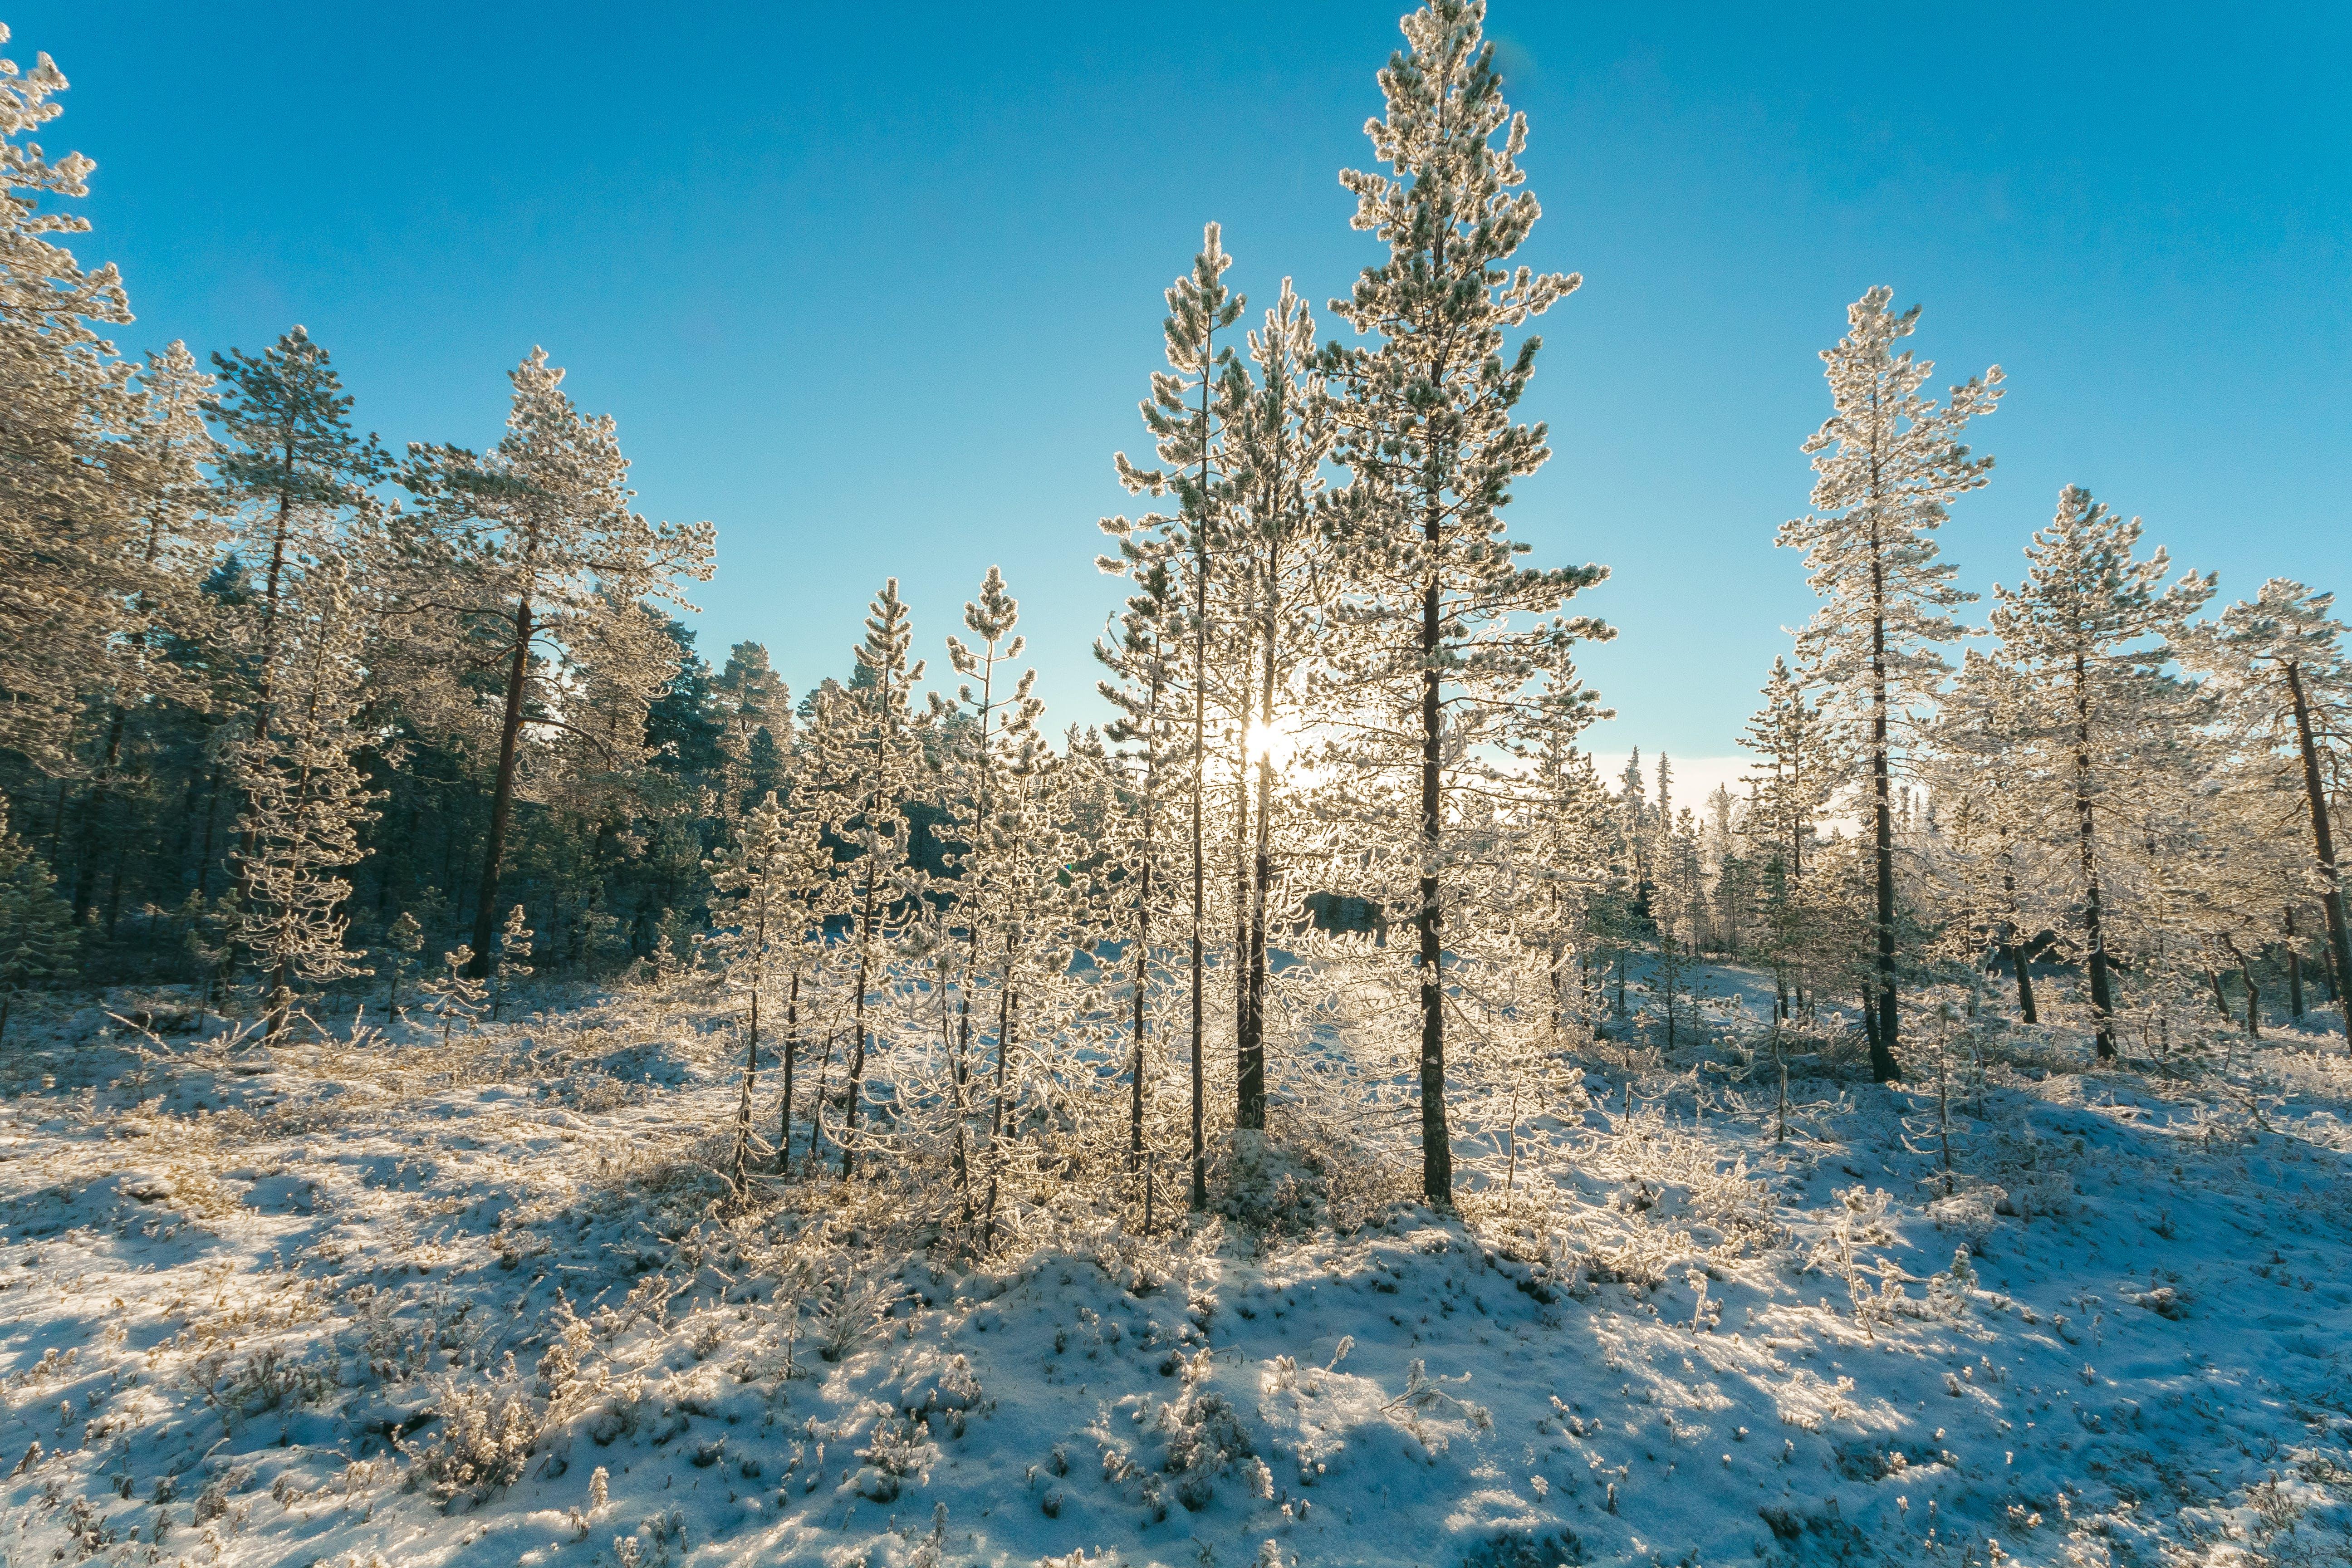 ağaçlar, çevre, doğa, don içeren Ücretsiz stok fotoğraf